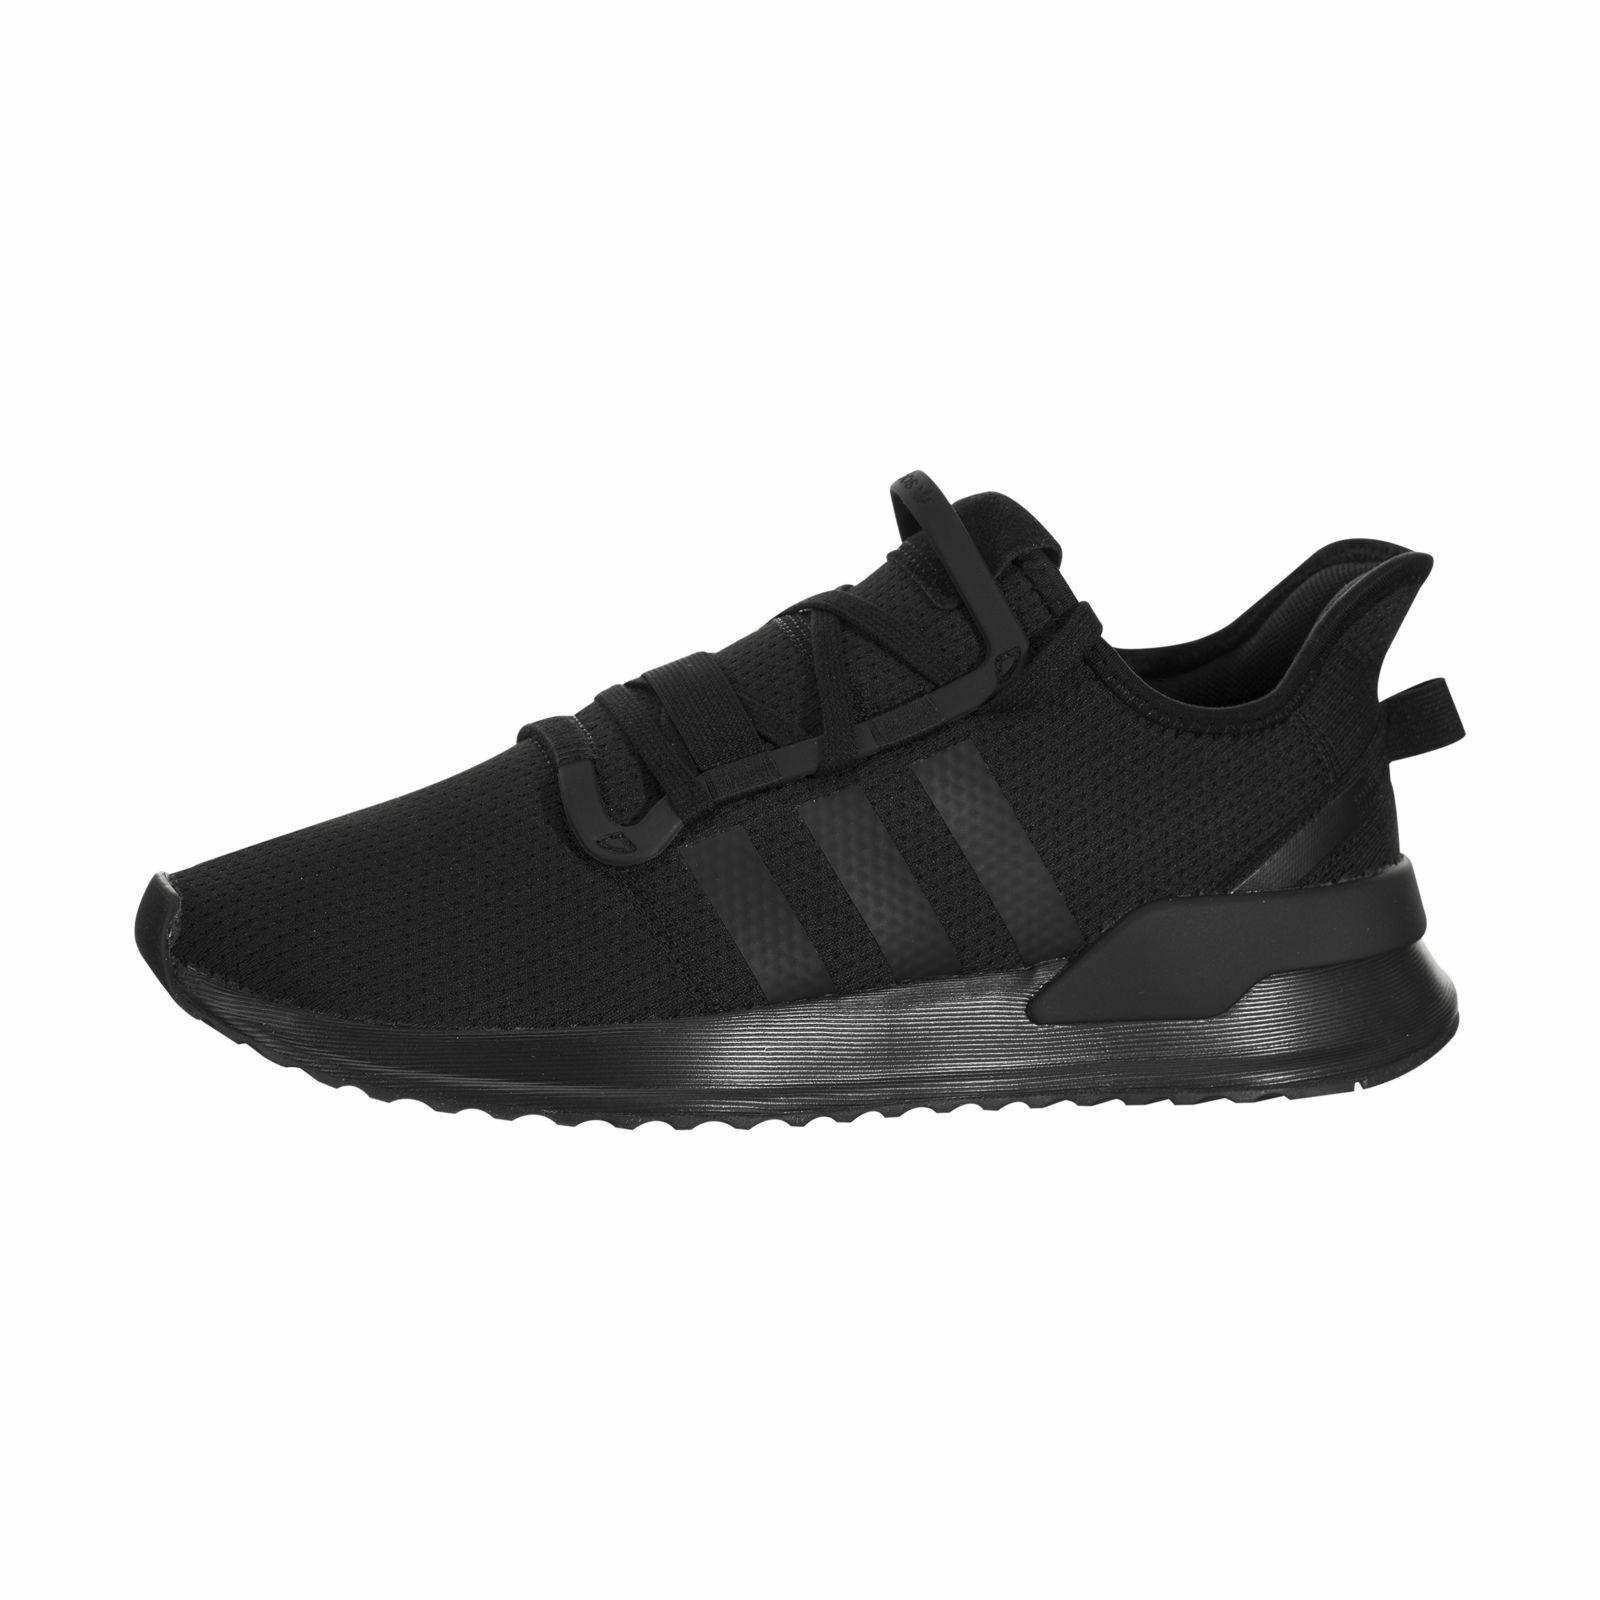 Adidas U Path Run g27636